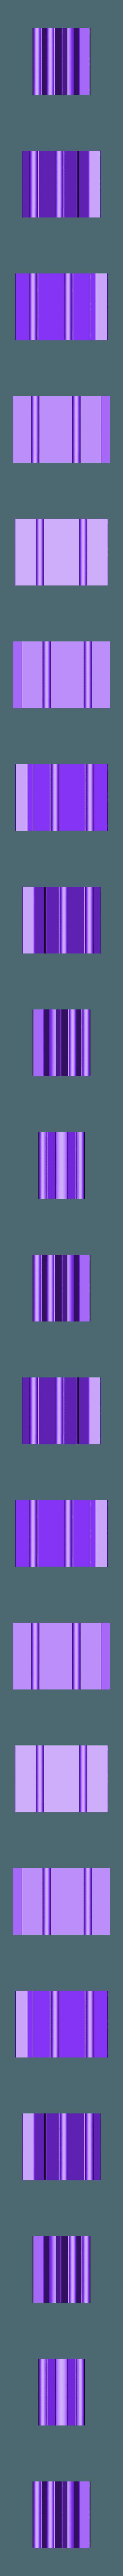 LPT3K_peg.stl Télécharger fichier STL gratuit Échelle Peg Toy 3000: Codename Overkill • Modèle imprimable en 3D, ecoiras